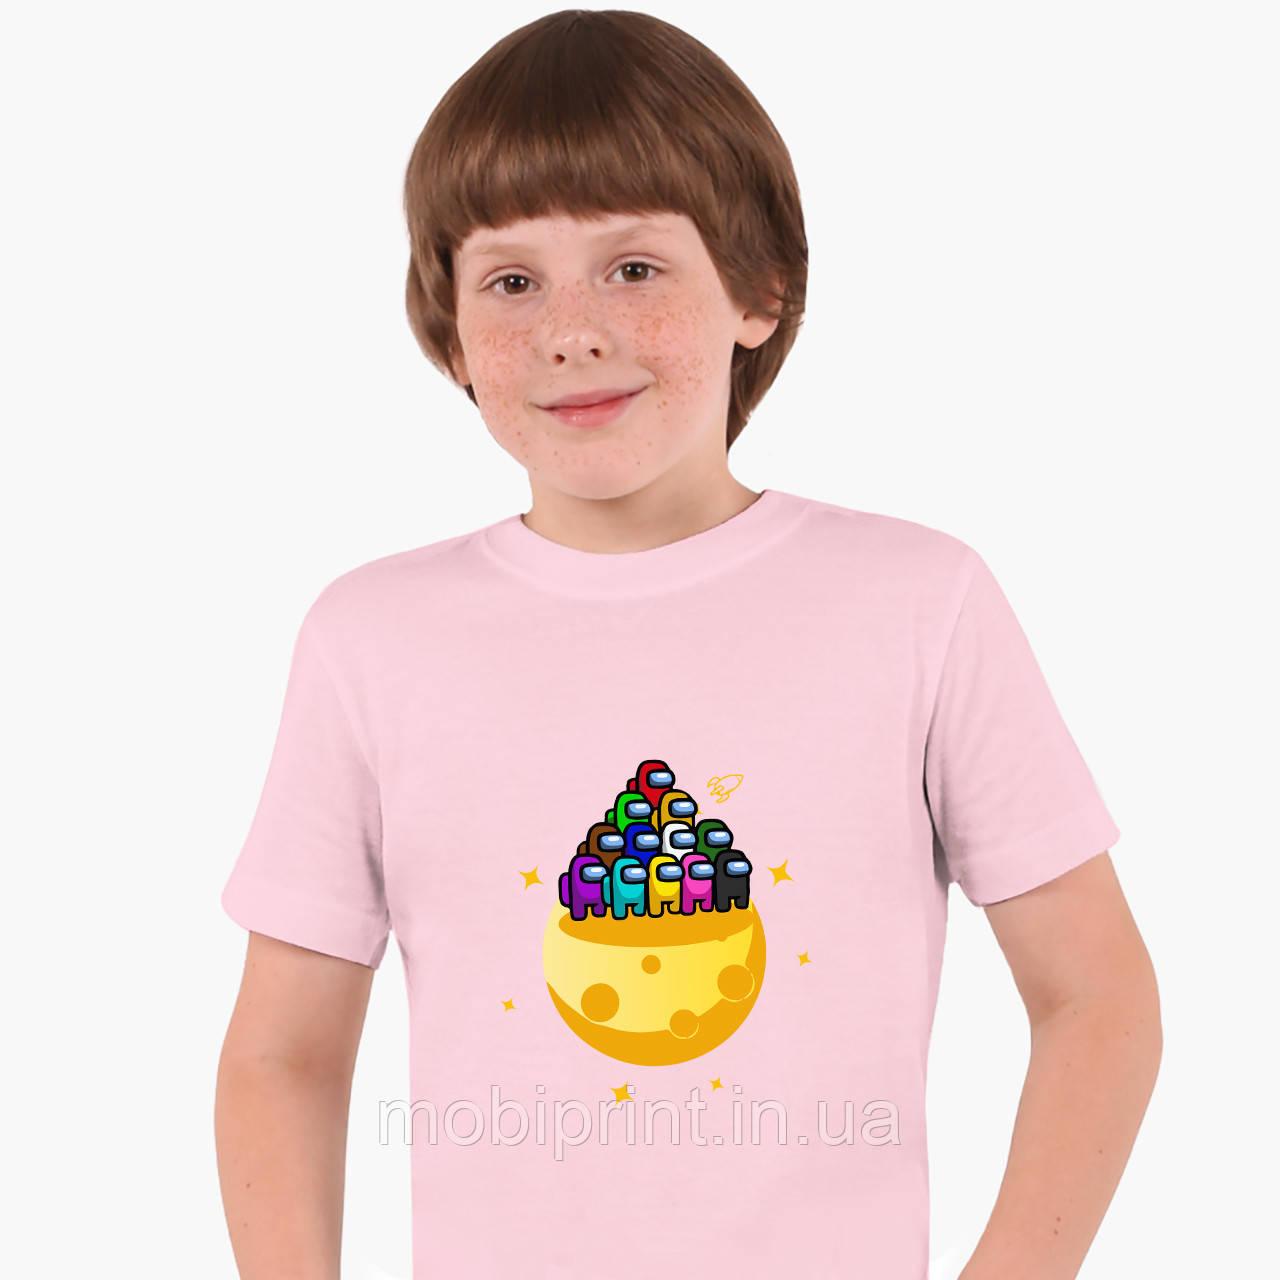 Детская футболка для мальчиков Амонг Ас (Among Us) (25186-2584) Розовый